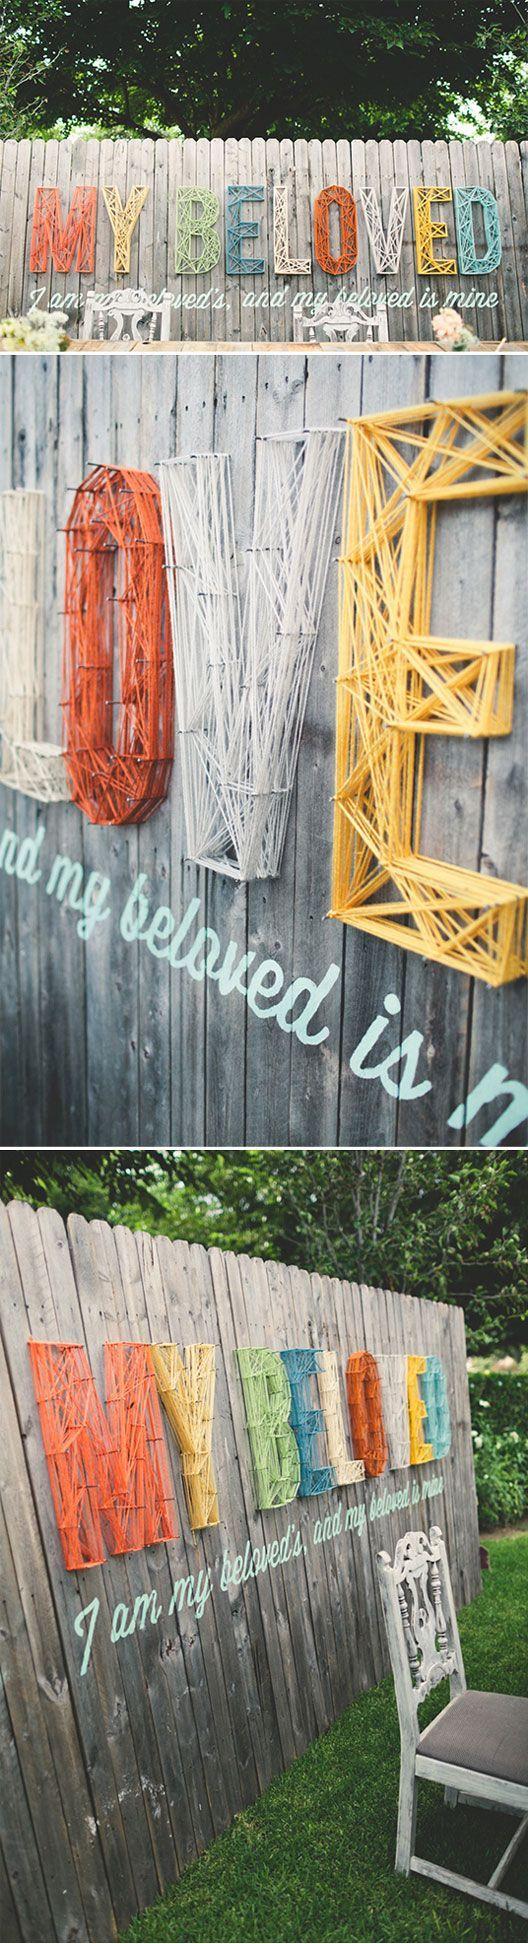 Incredible DIY Garden Fence Wall Art Ideas Garden fencing